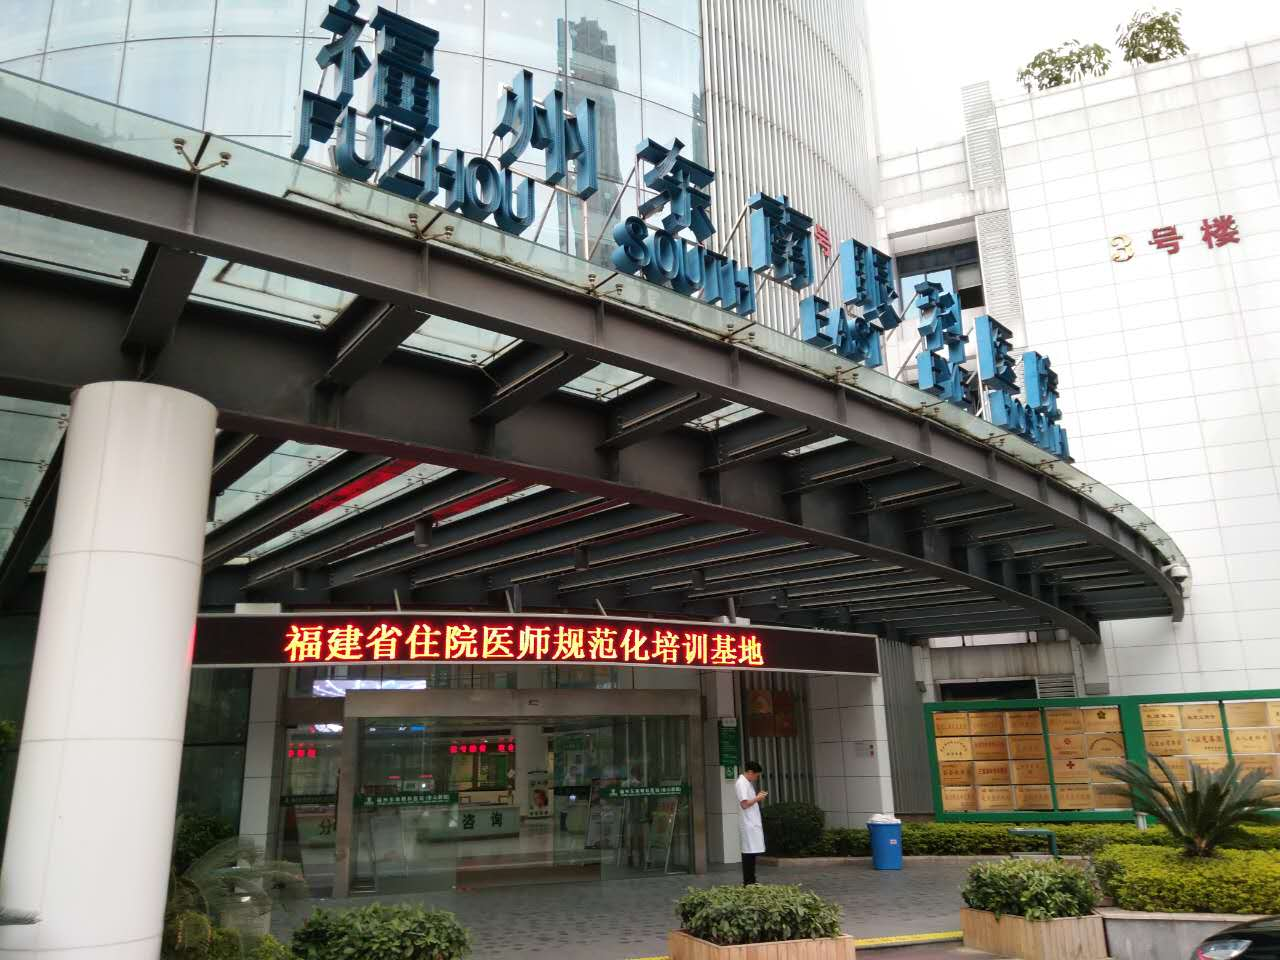 热烈祝贺福州东南眼科医院动物实验培训中心成功建立